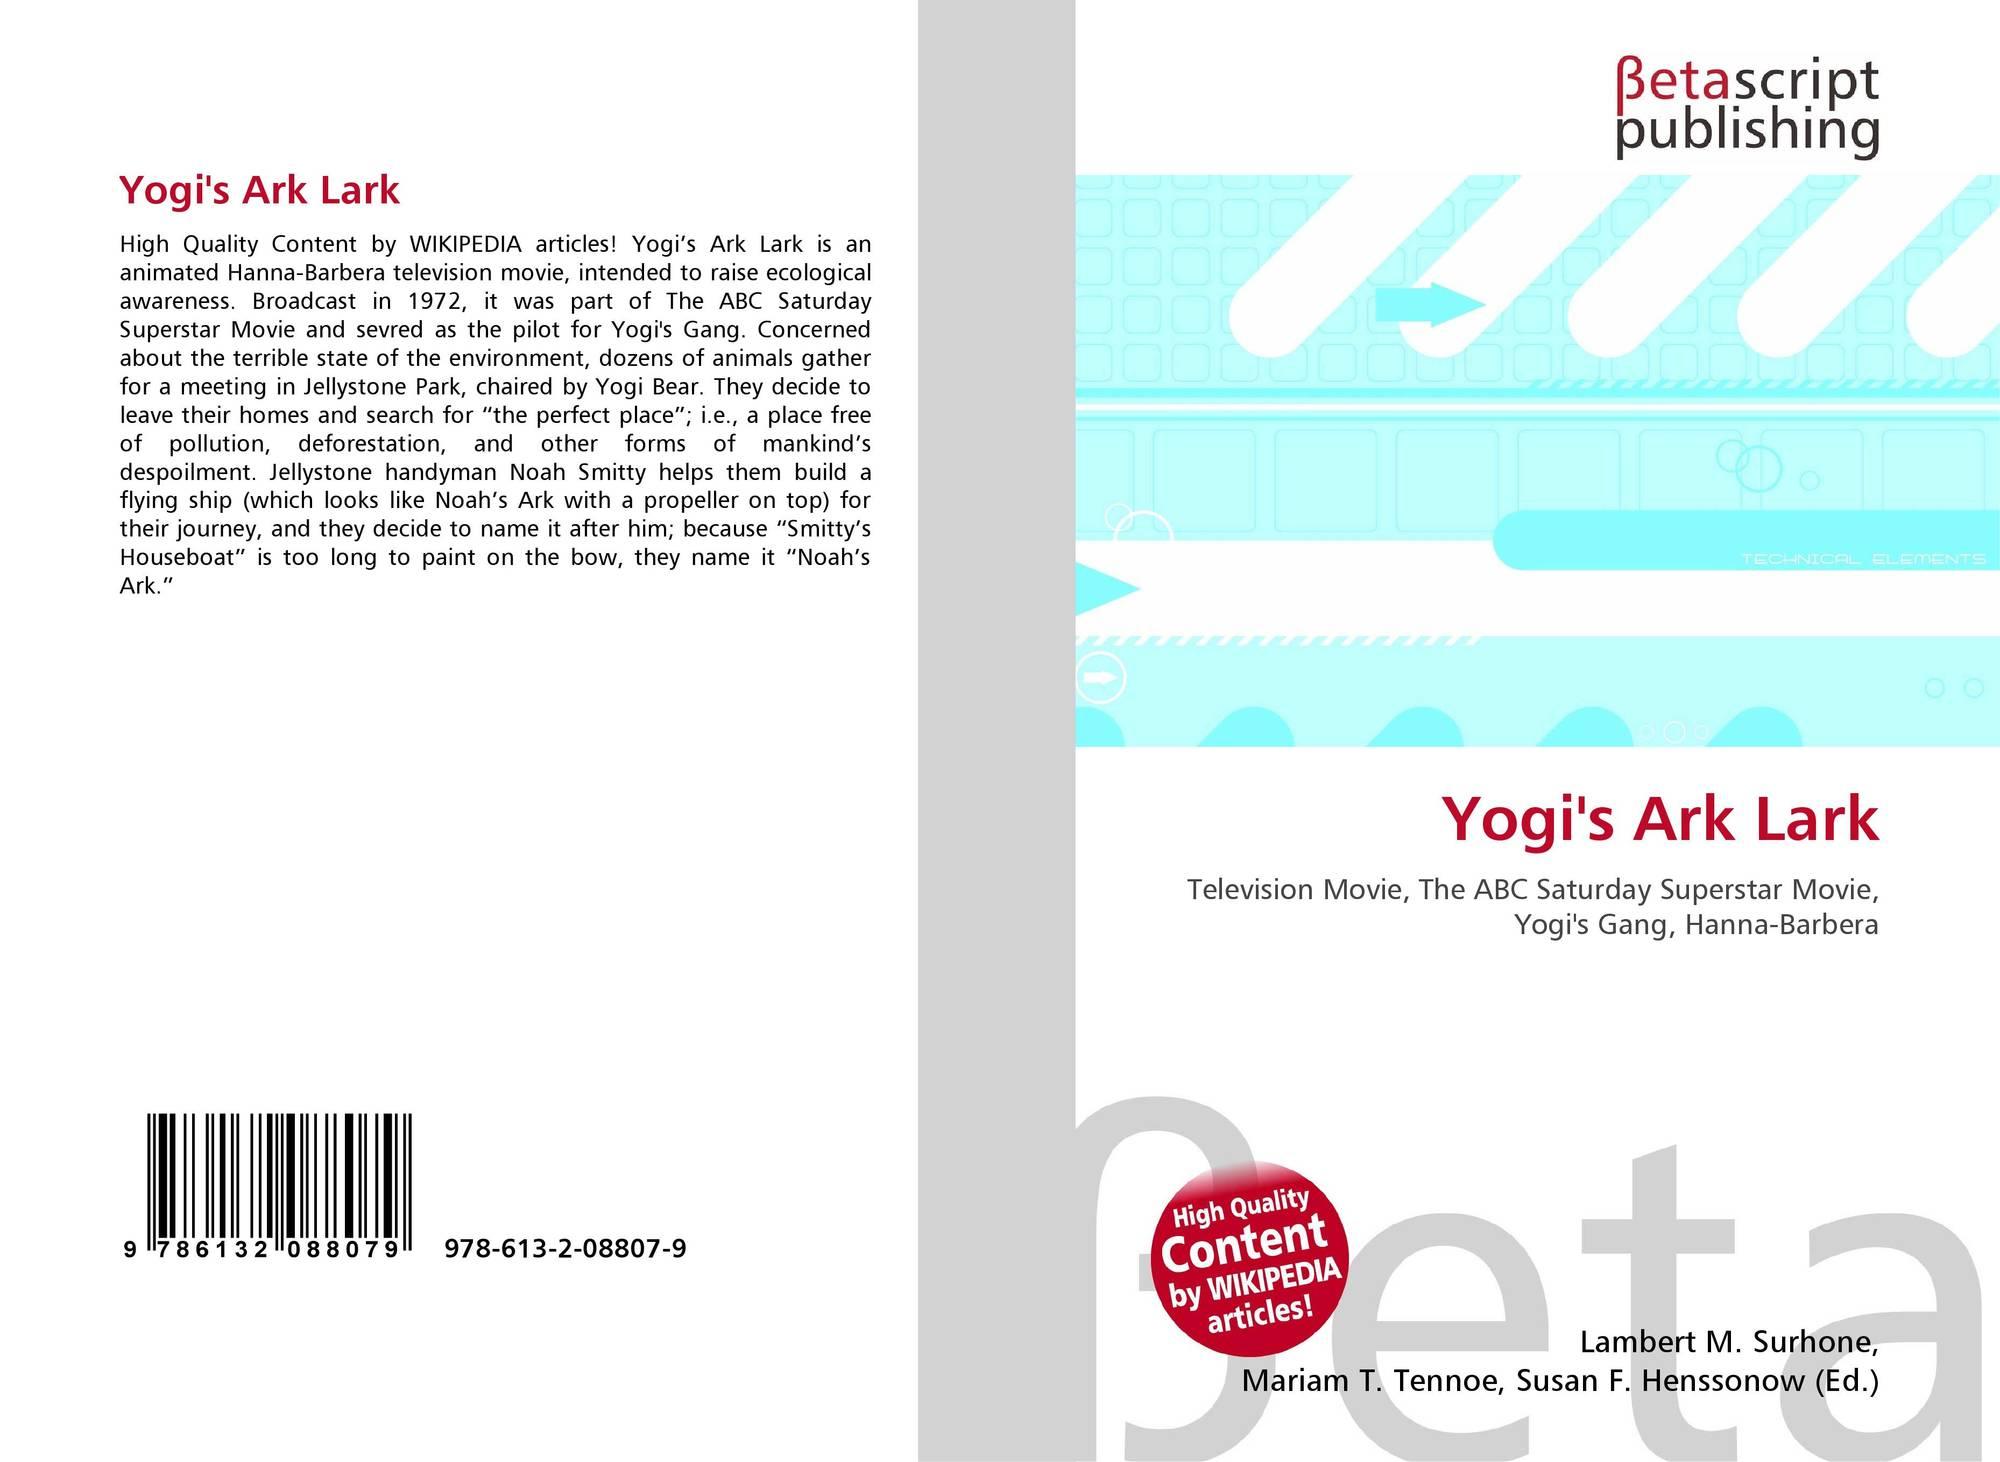 Yogi's Ark Lark, 978-613-2-08807-9, 6132088075 ,9786132088079